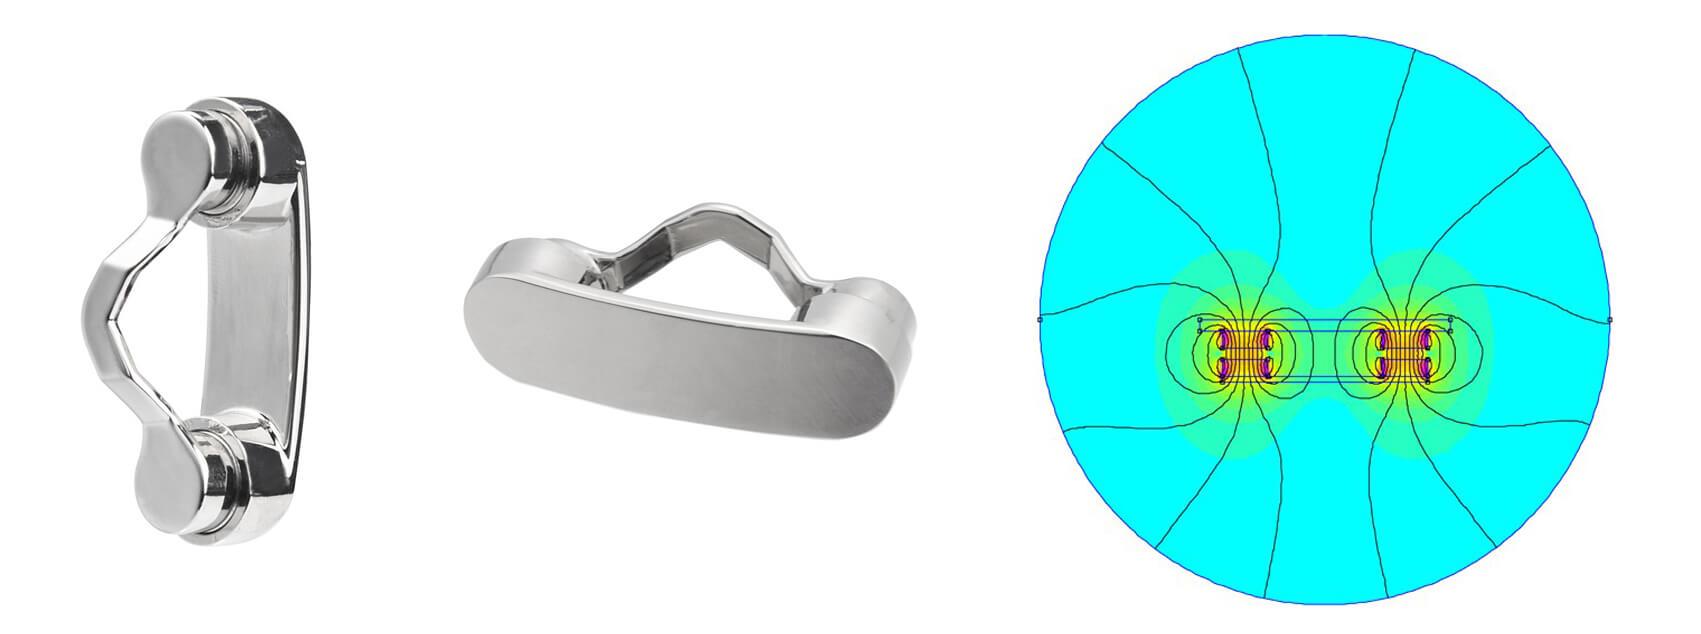 حوامل النظارات المغناطيسية -2